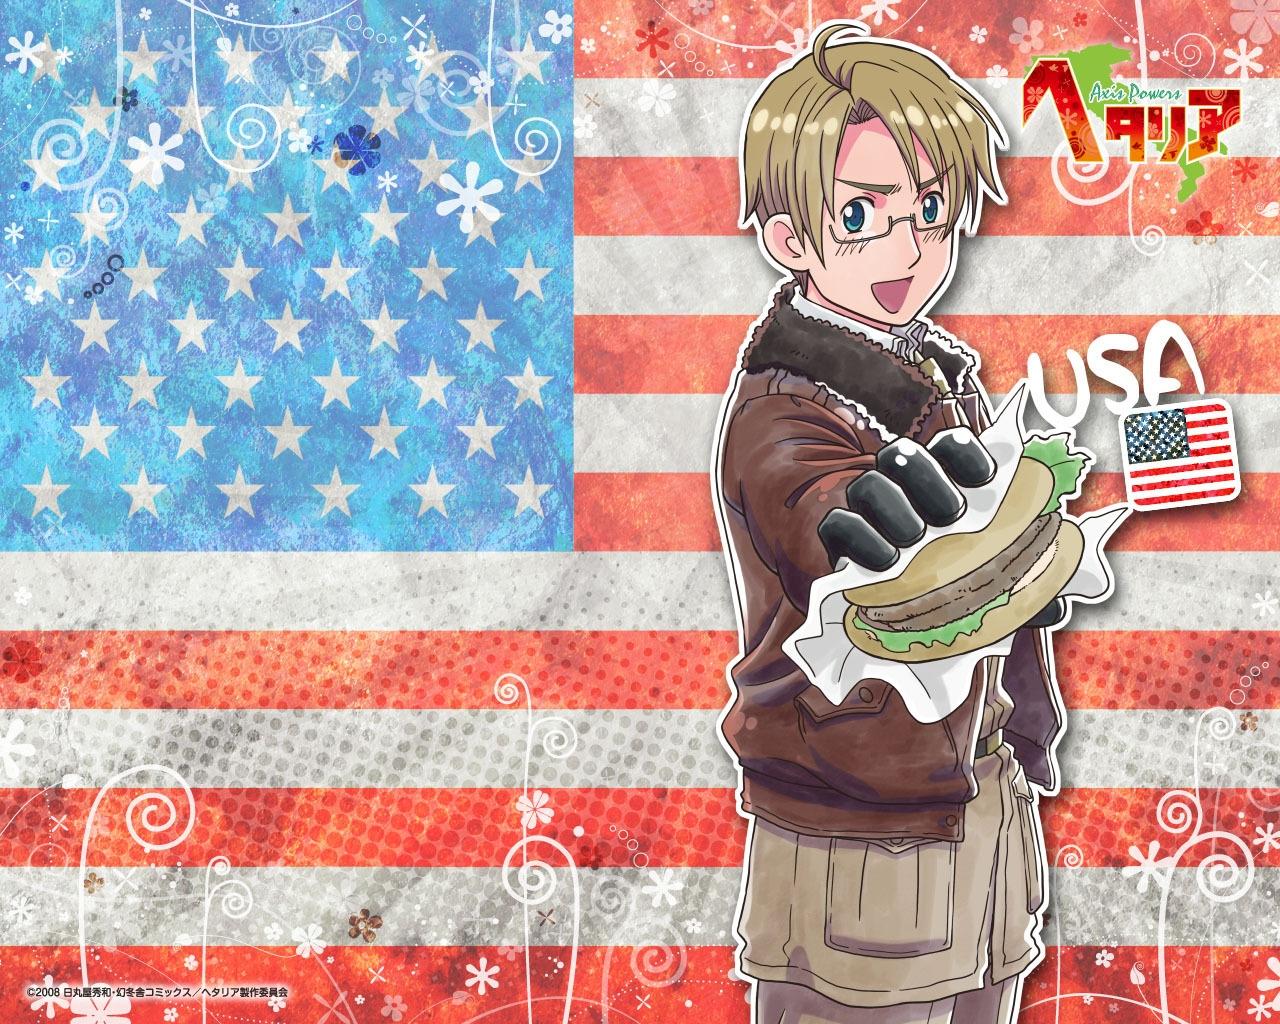 USA, Hetalia, Axis, Powers, Хеталия, и, страны, Оси, аниме, картинки, обои, бесплатные, рабочего, стола, anime, picture, wallpaper, desktop, на, рабочий, для, скачать